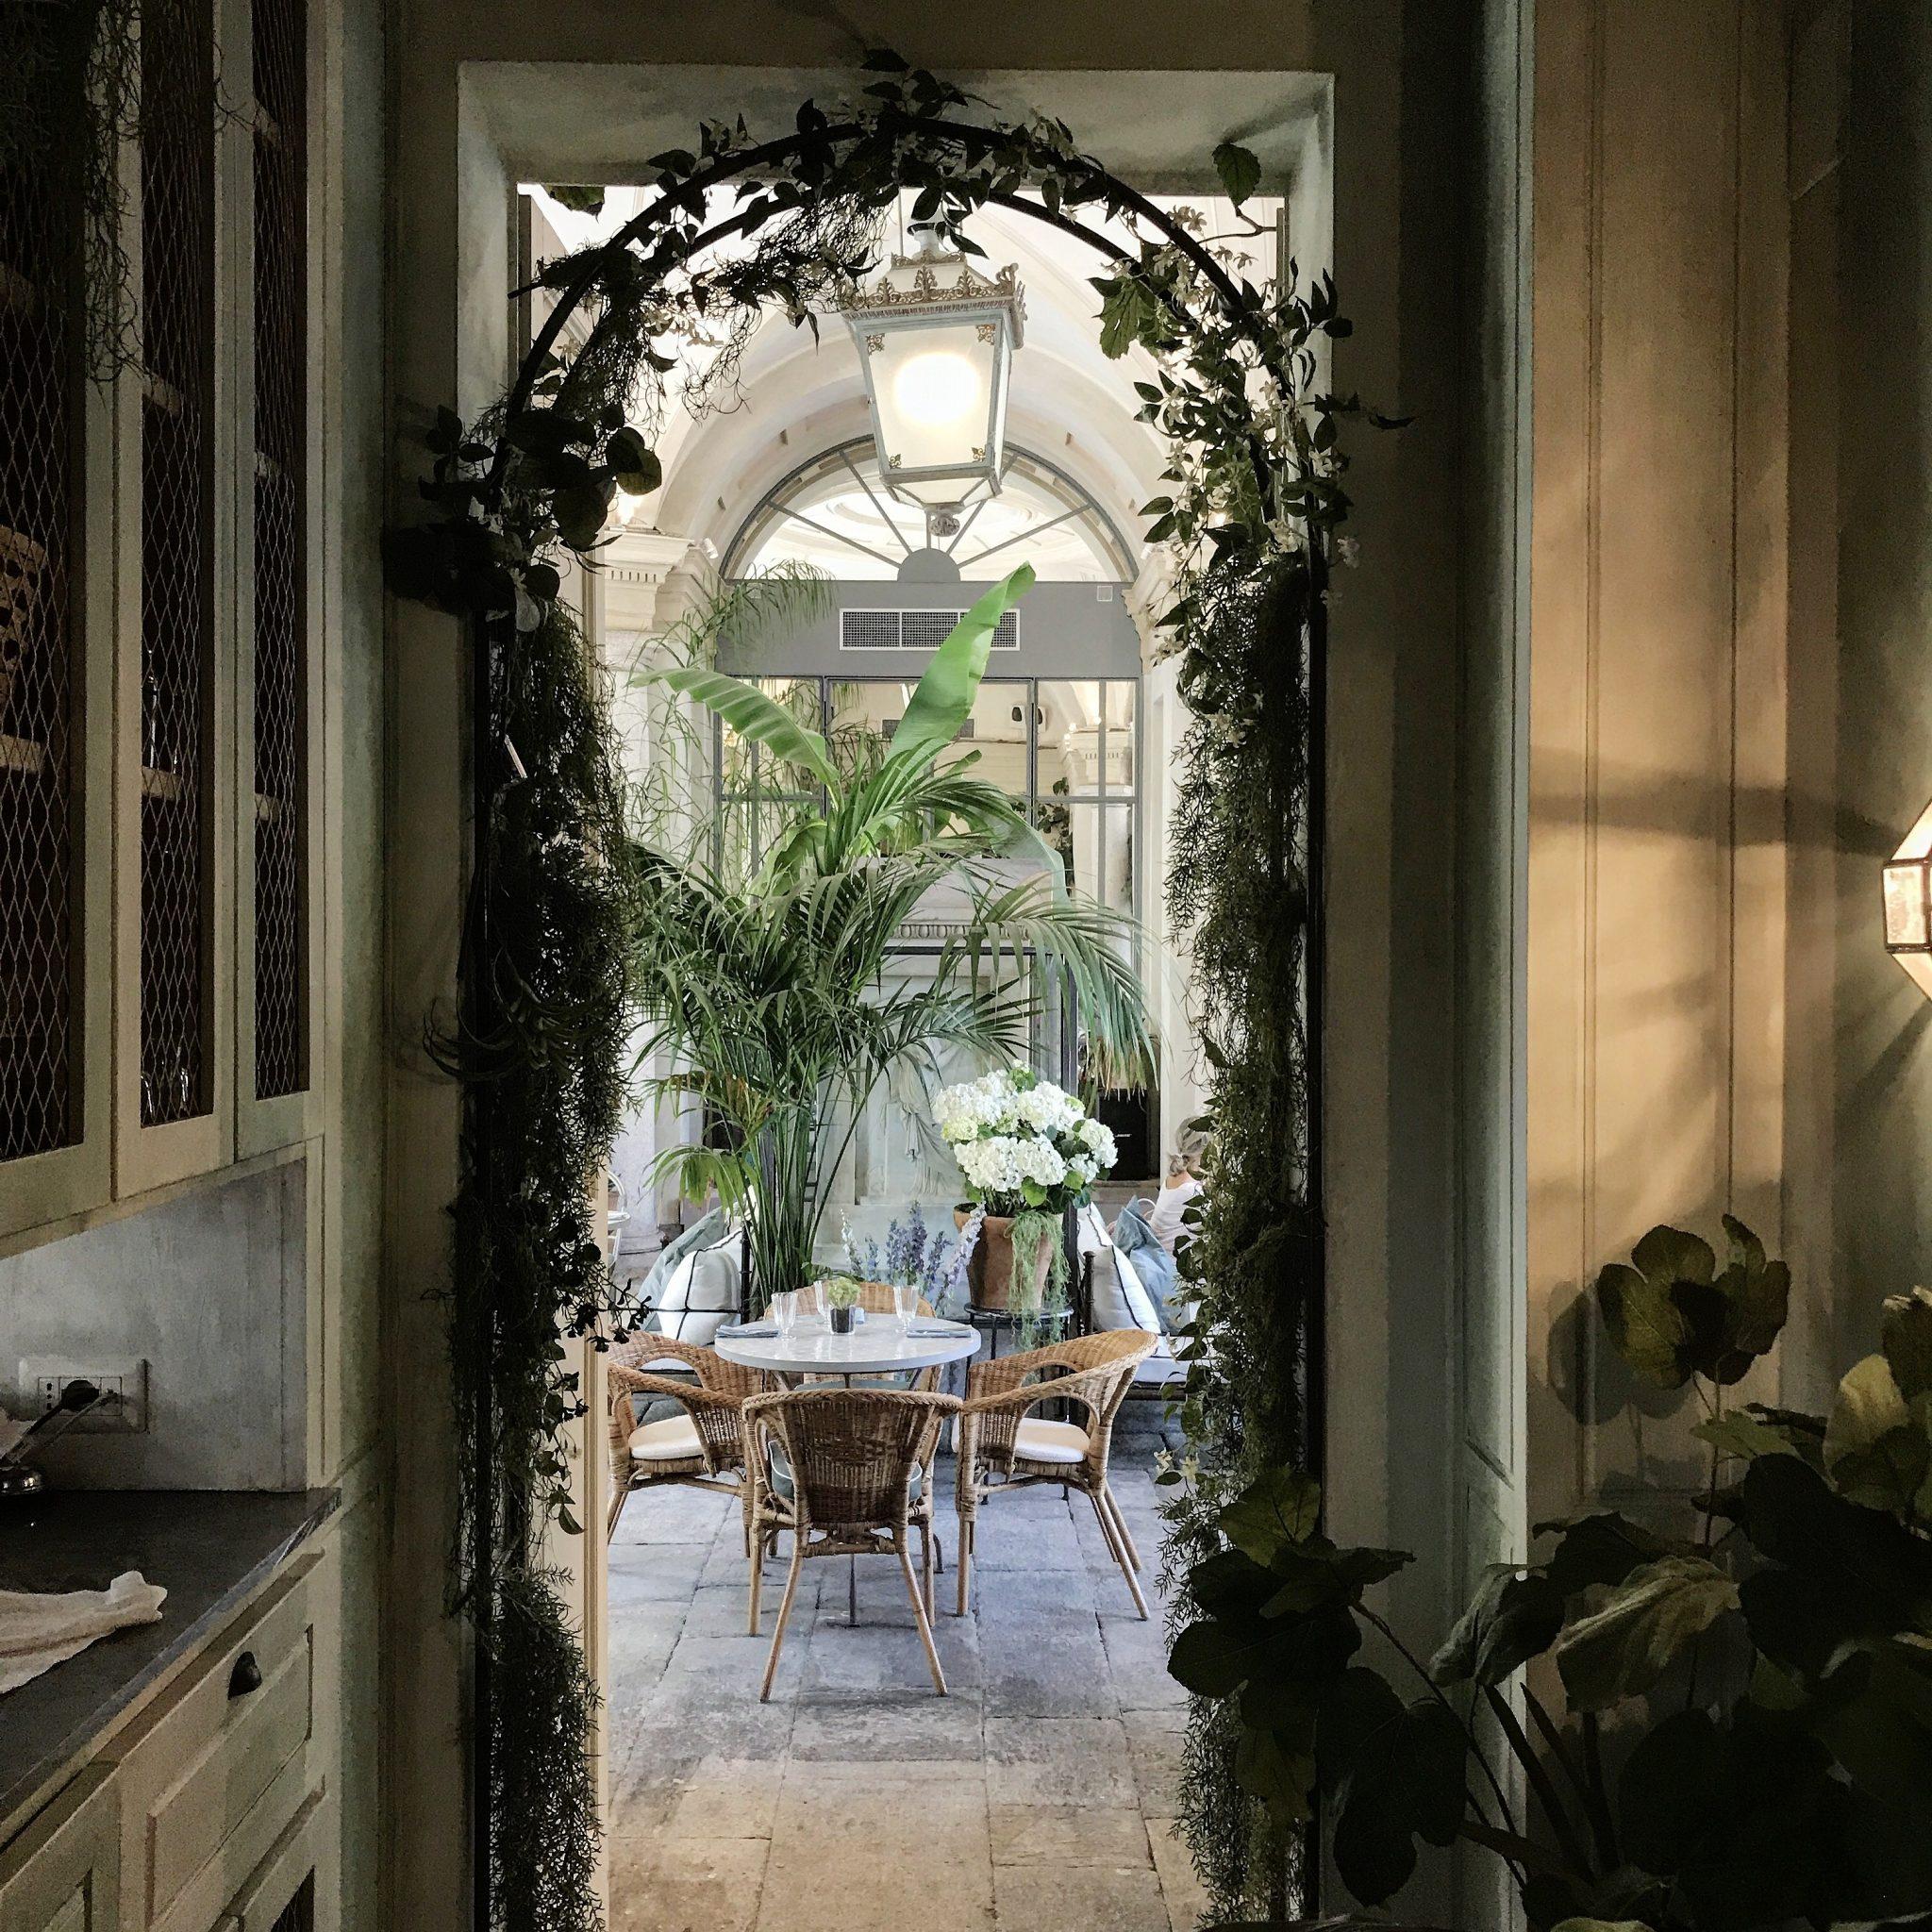 la sala al lubar galleria arte moderna milano